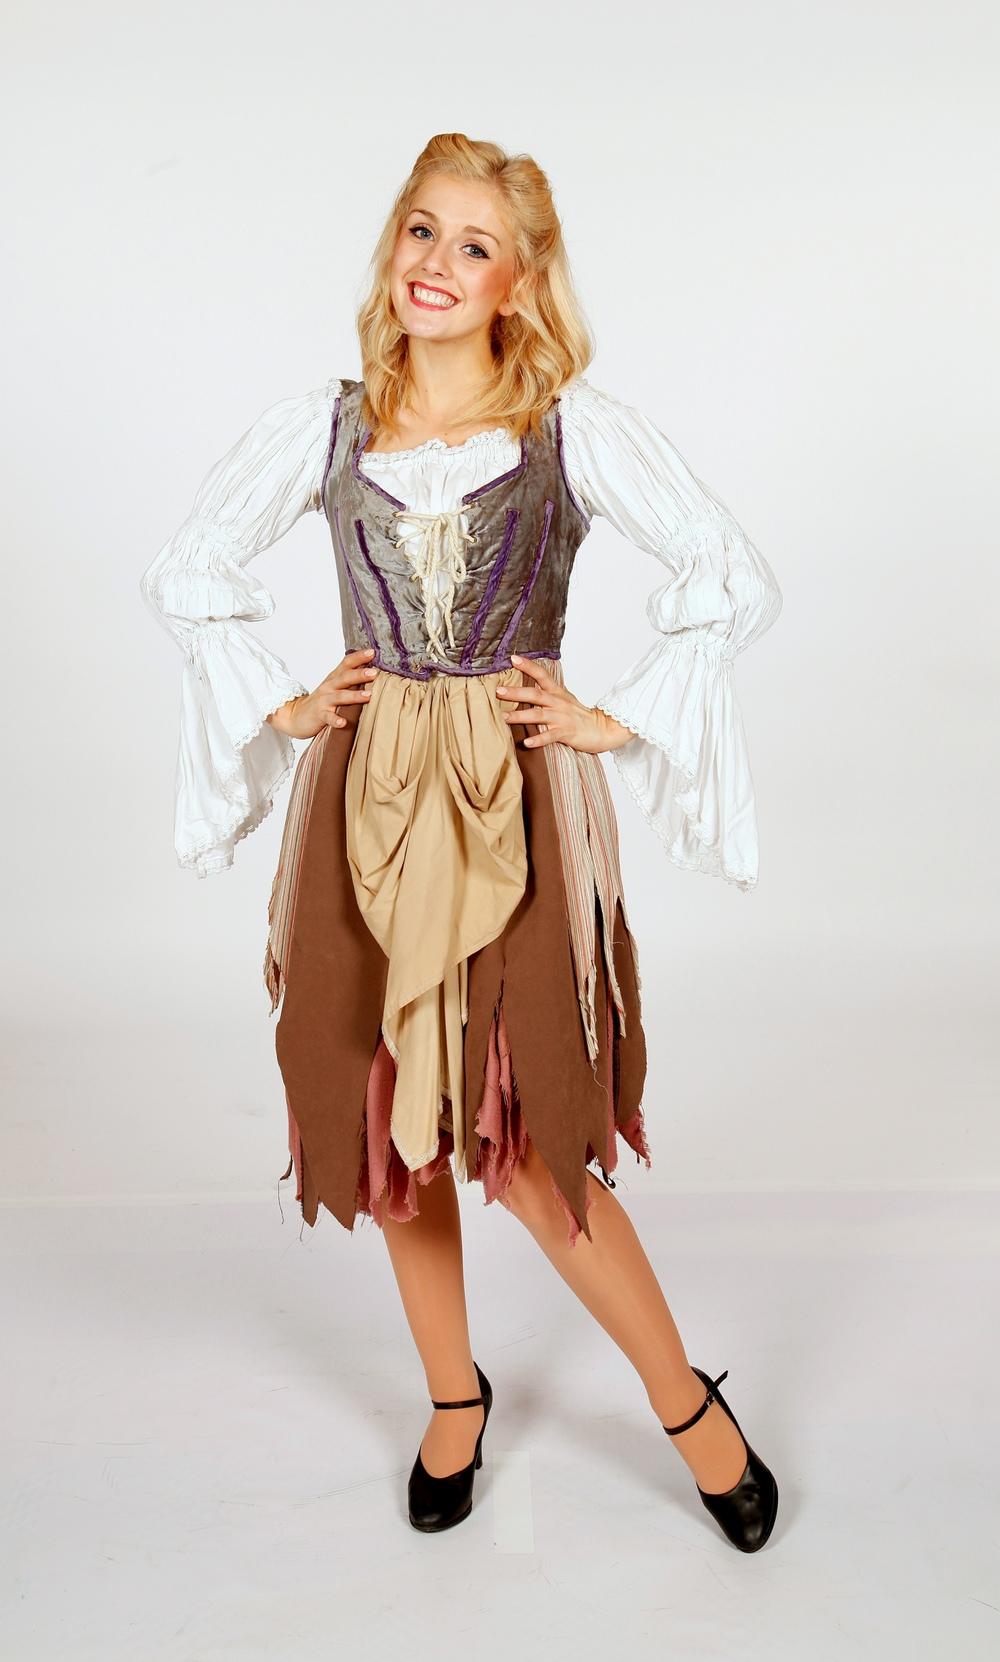 Barnstaple 02 - Sophie Ayers as Cinderella.JPG